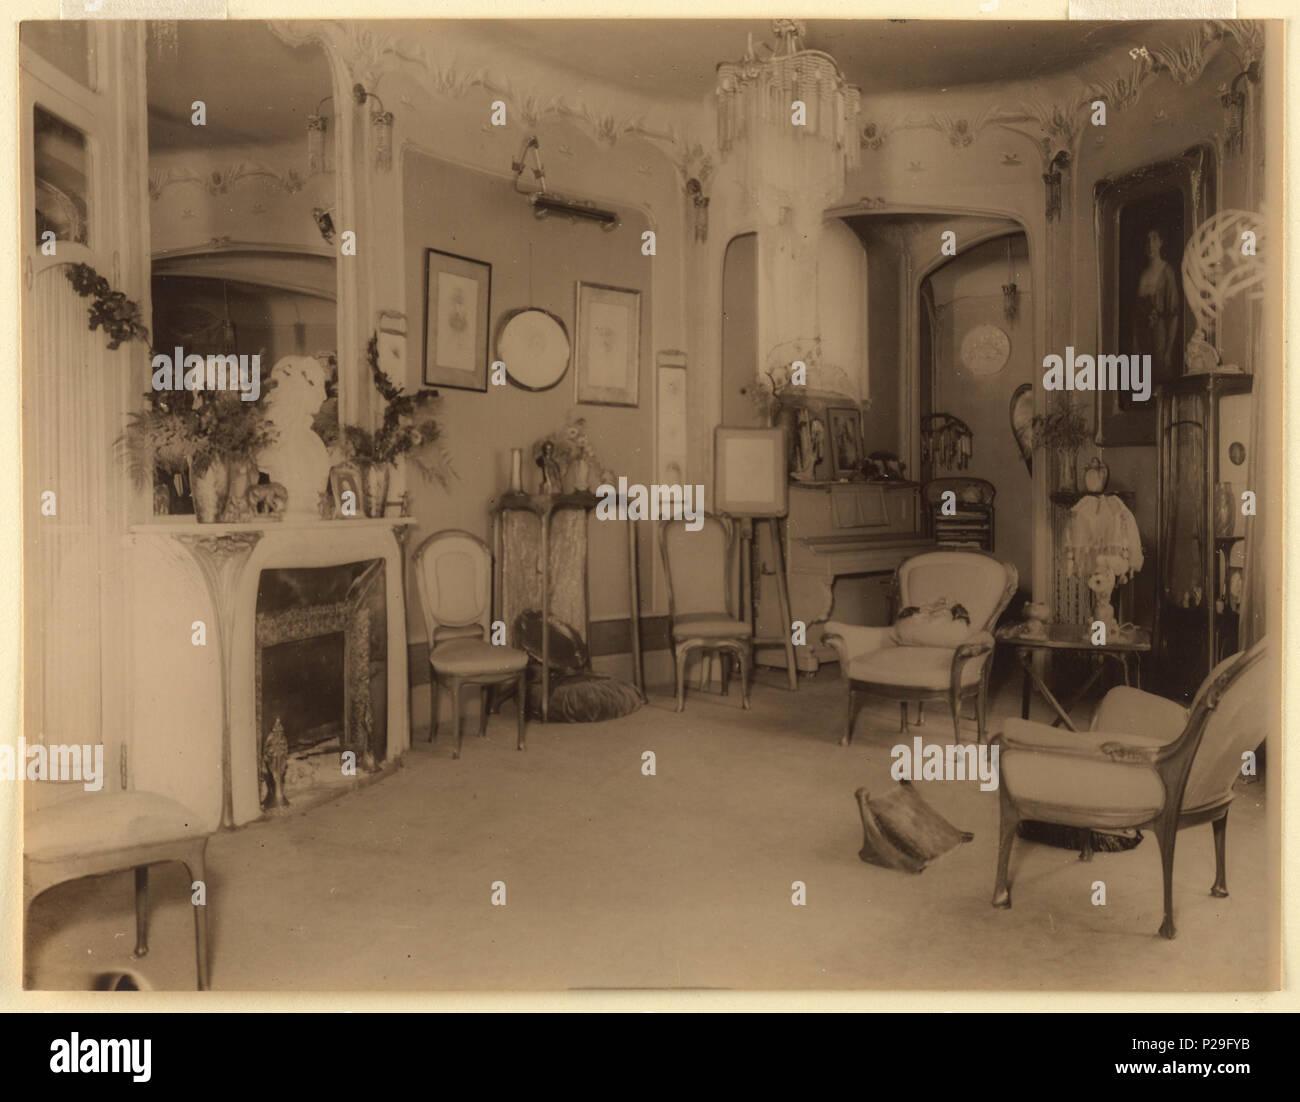 Englisch Fotografieren Haus Von Hector Guimard Ca 1910 Englisch Innenansicht Der Salon Von Hector Guimard Haus